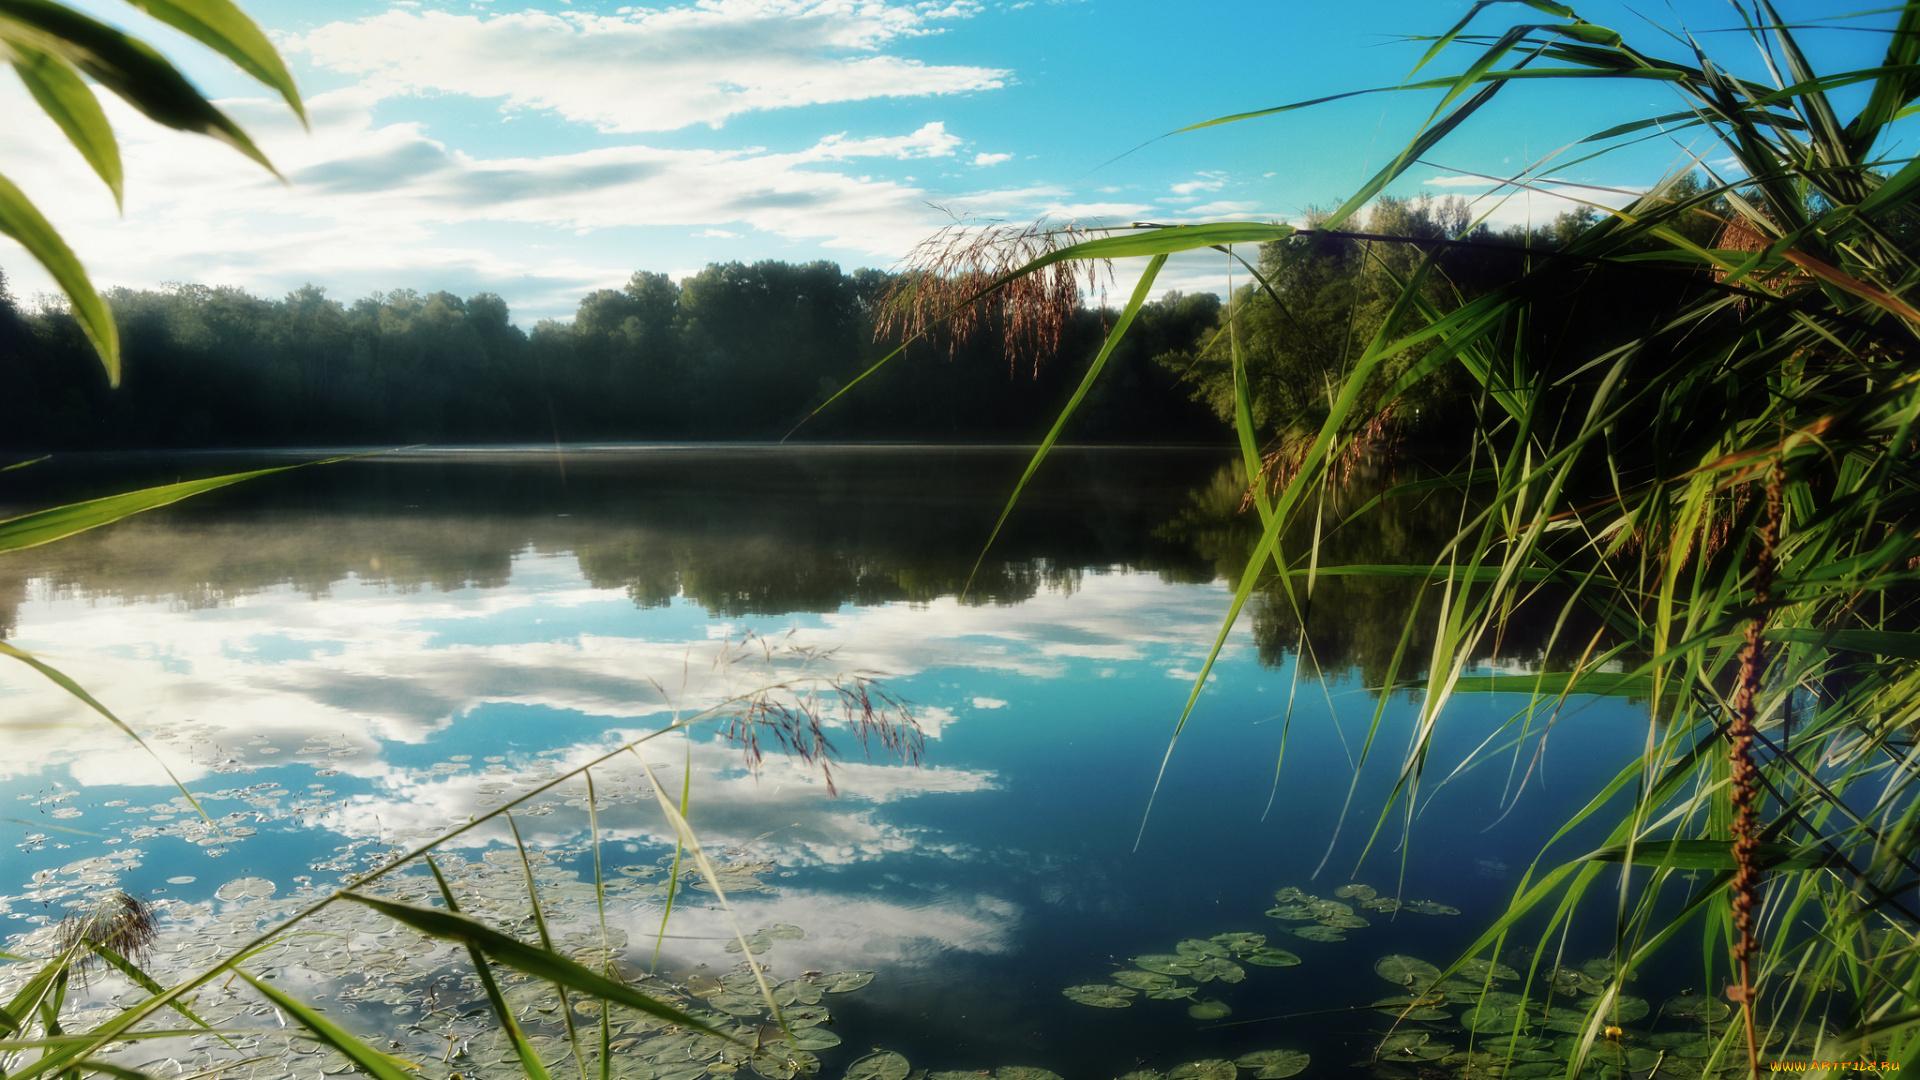 река с камышами картинки этого зачастую достаточно